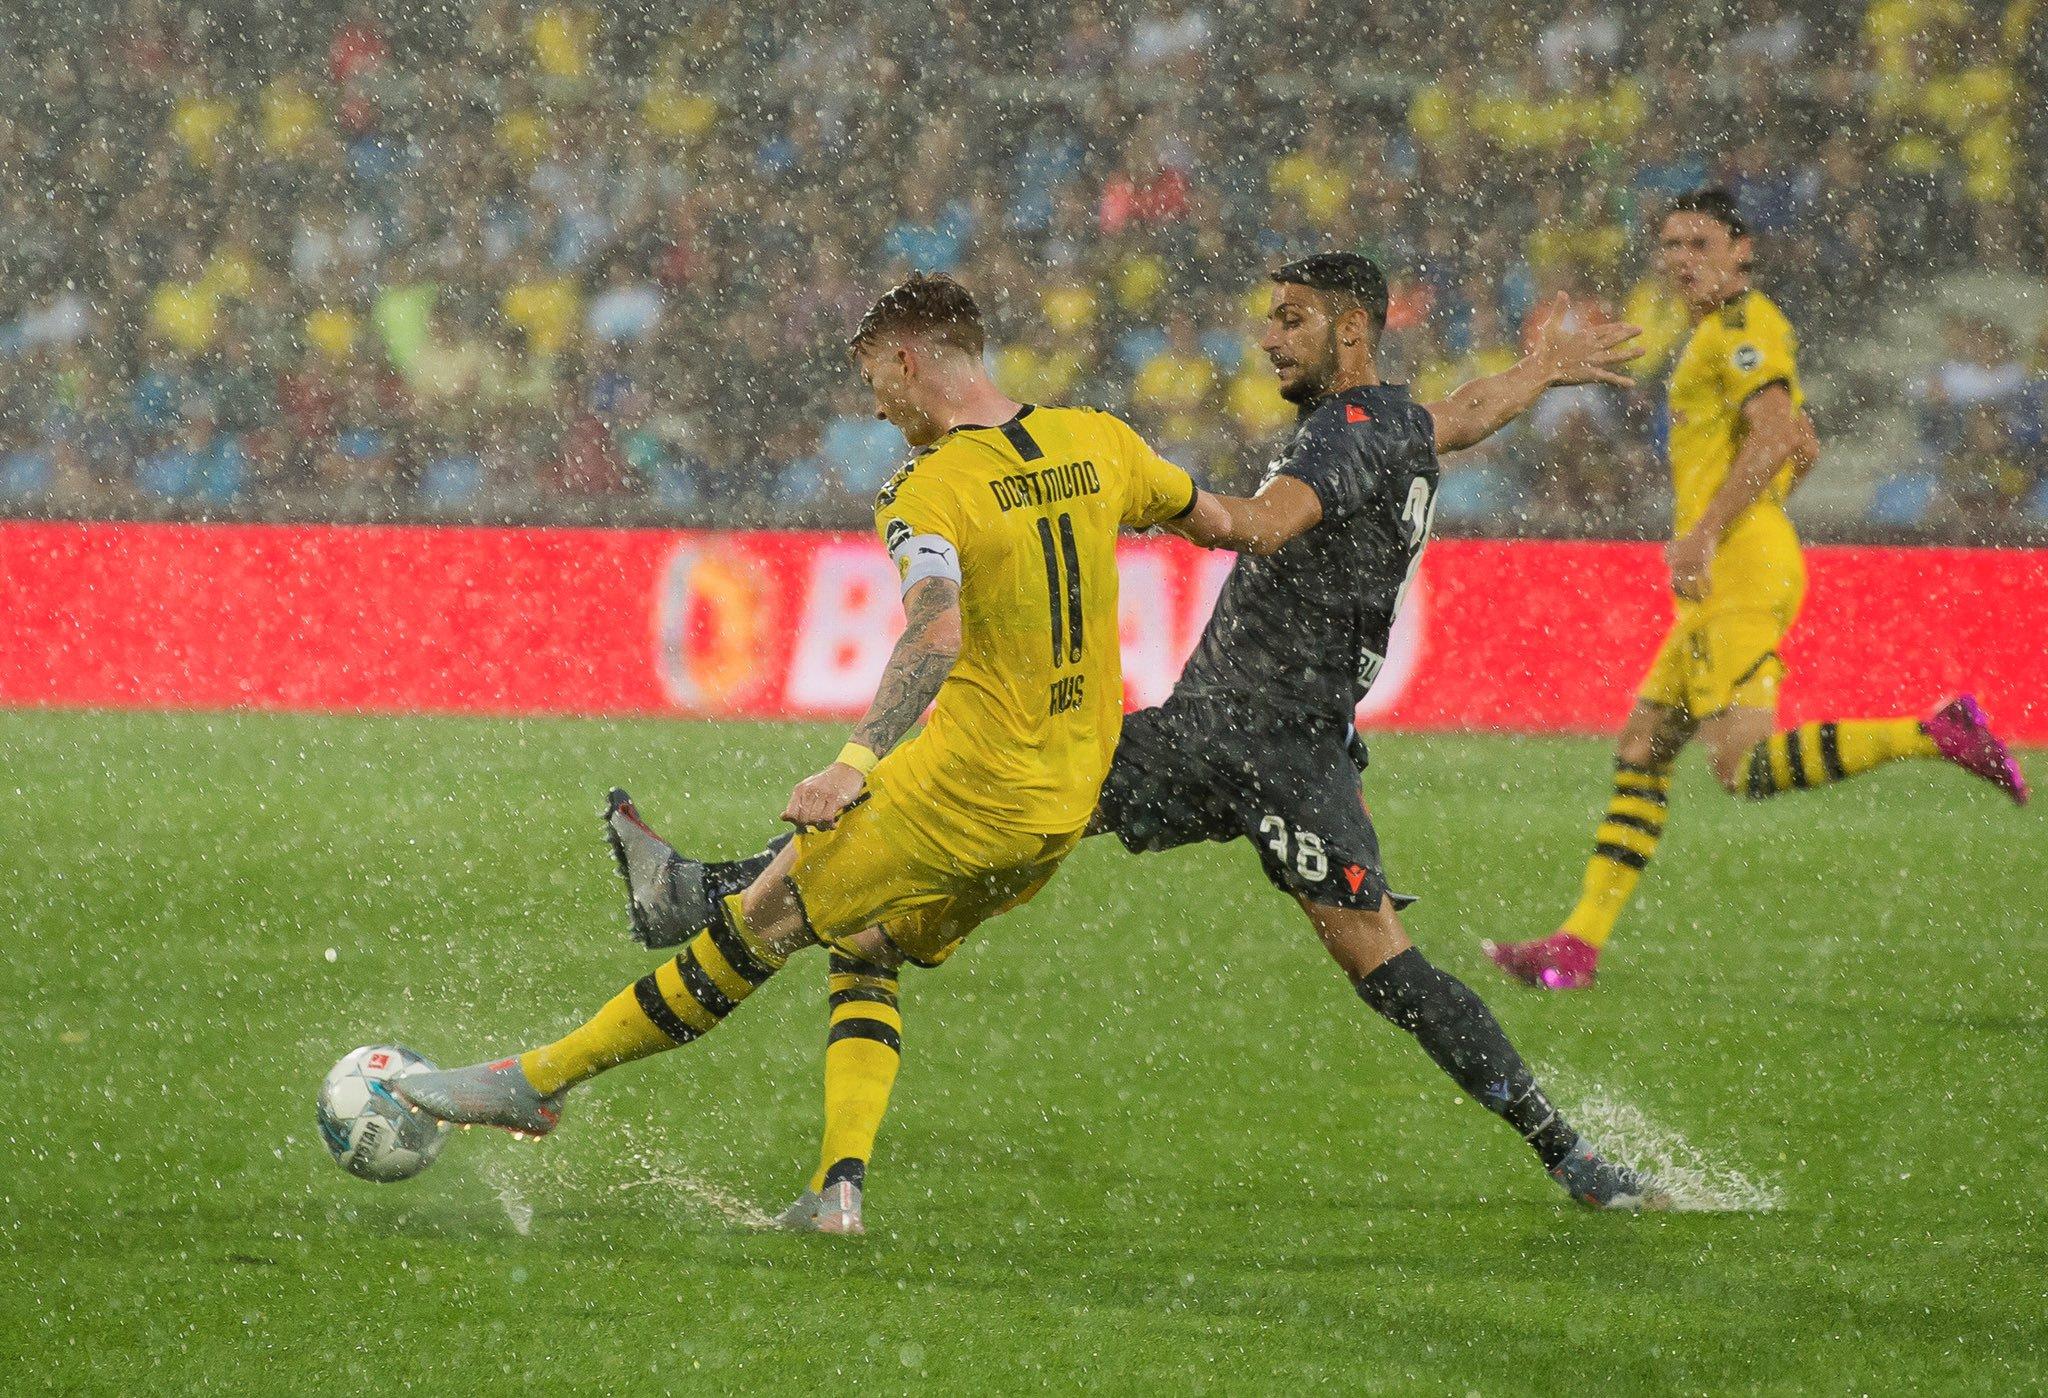 BVB feiert im Regenchaos souveränen Testspielsieg gegen Udinese Calcio